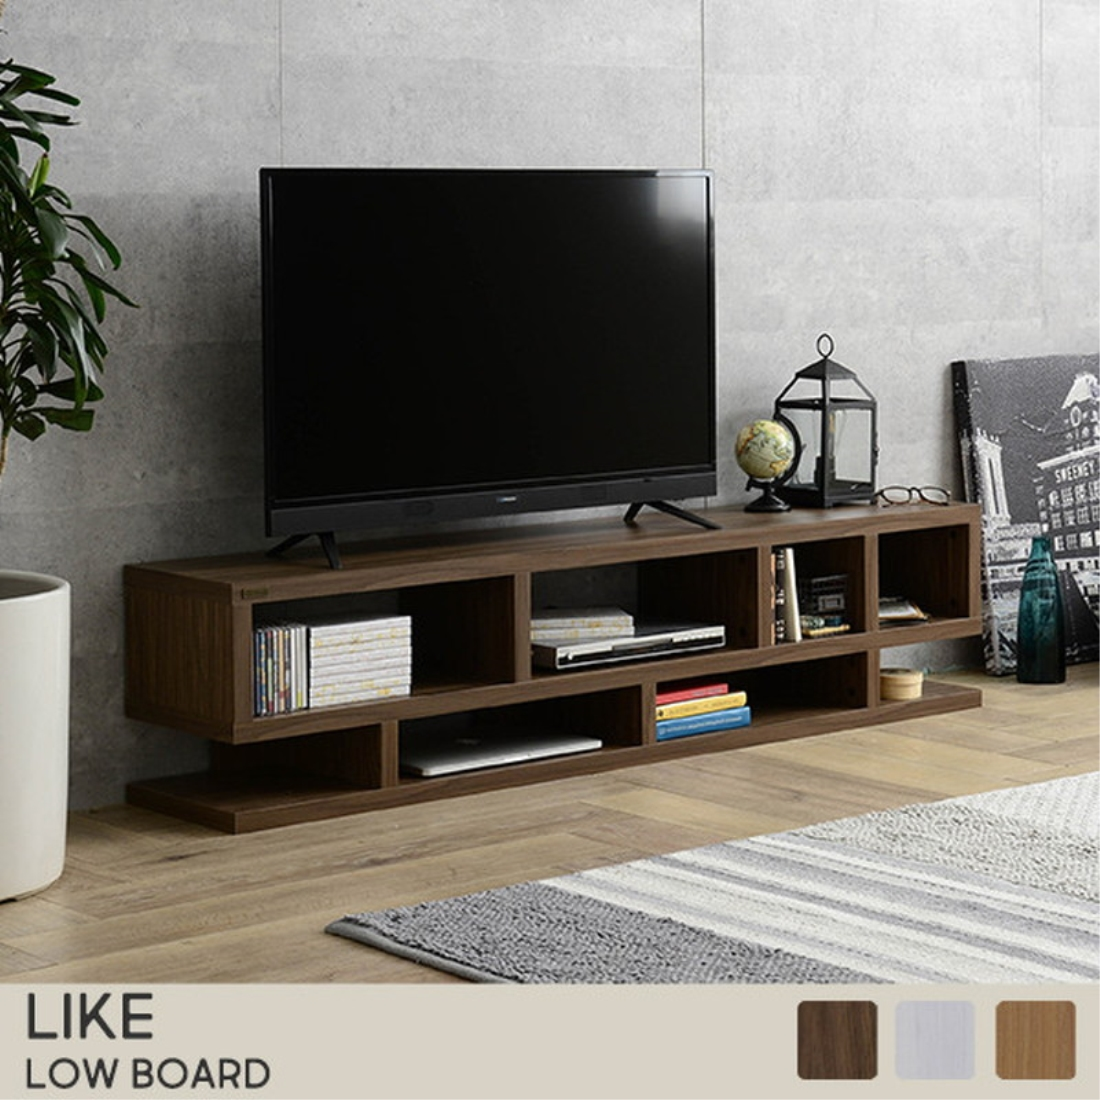 【送料無料】家具 テレビ台 テレビ ボード TVボード Like(ライク) ローボード ローシェルフ(160cm幅/36cm高) オシャレ